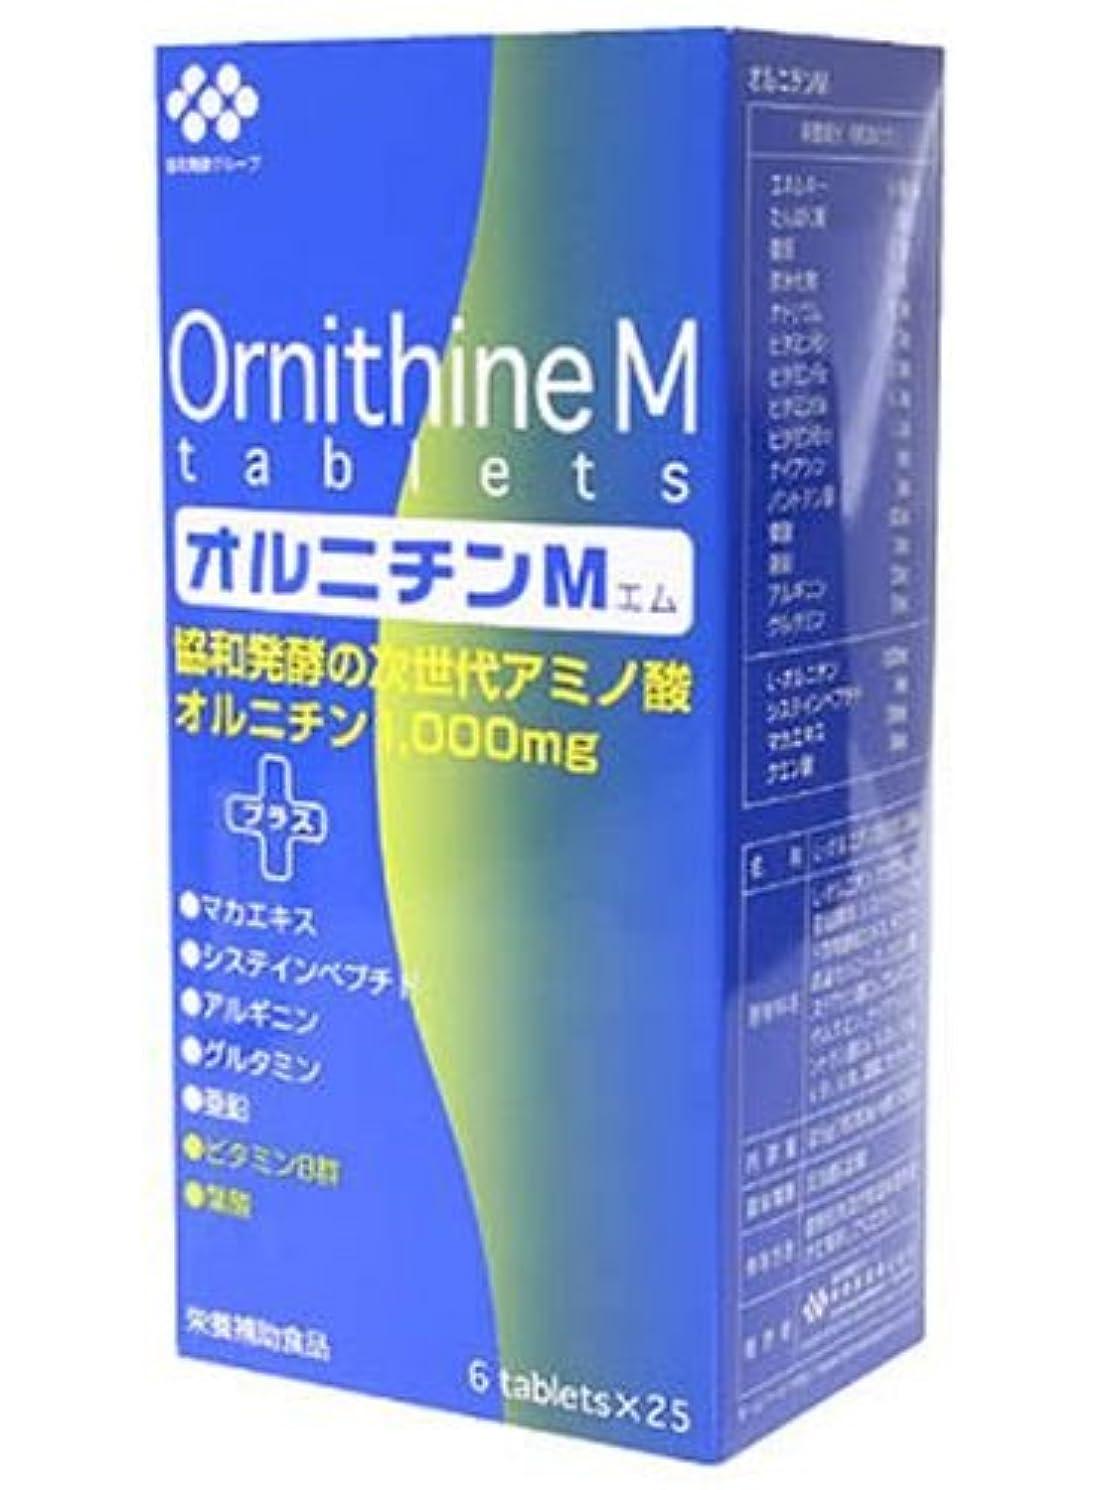 許可受け入れるアルバム伸和製薬 オルニチンM 6粒×25袋入